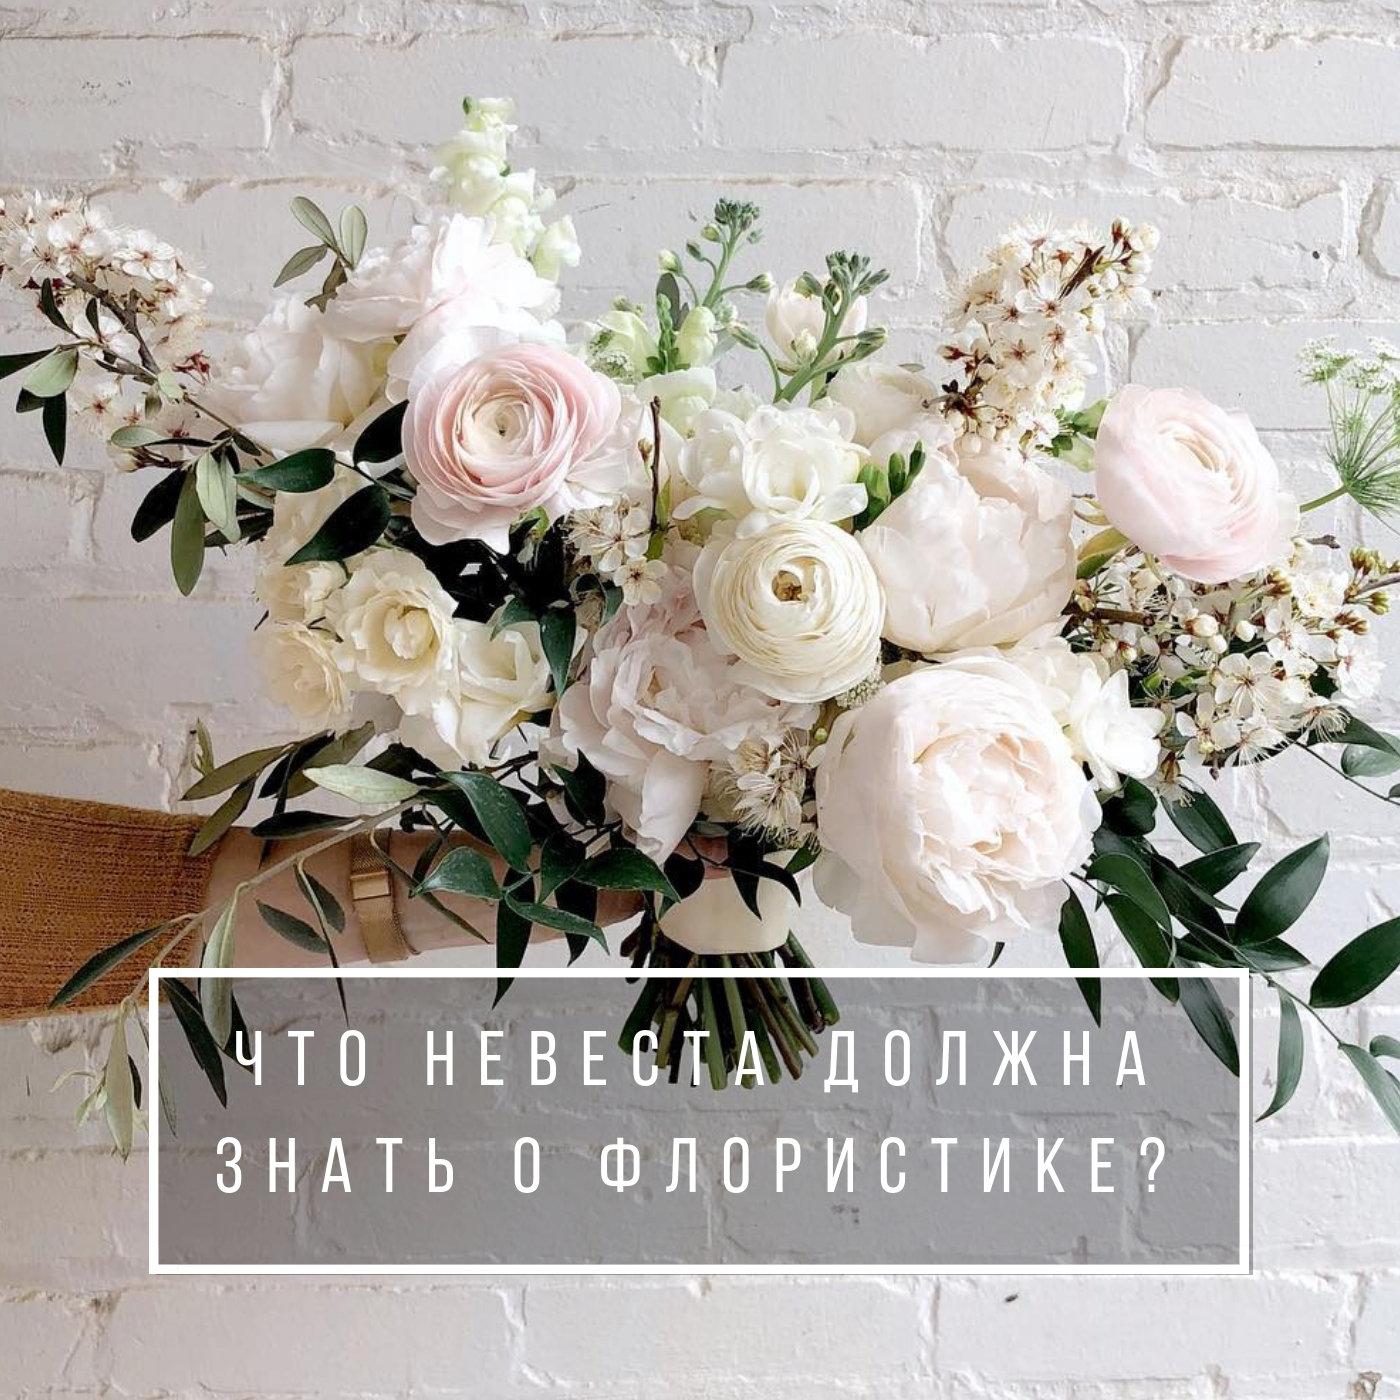 Что невеста должна знать о свадебной флористике?